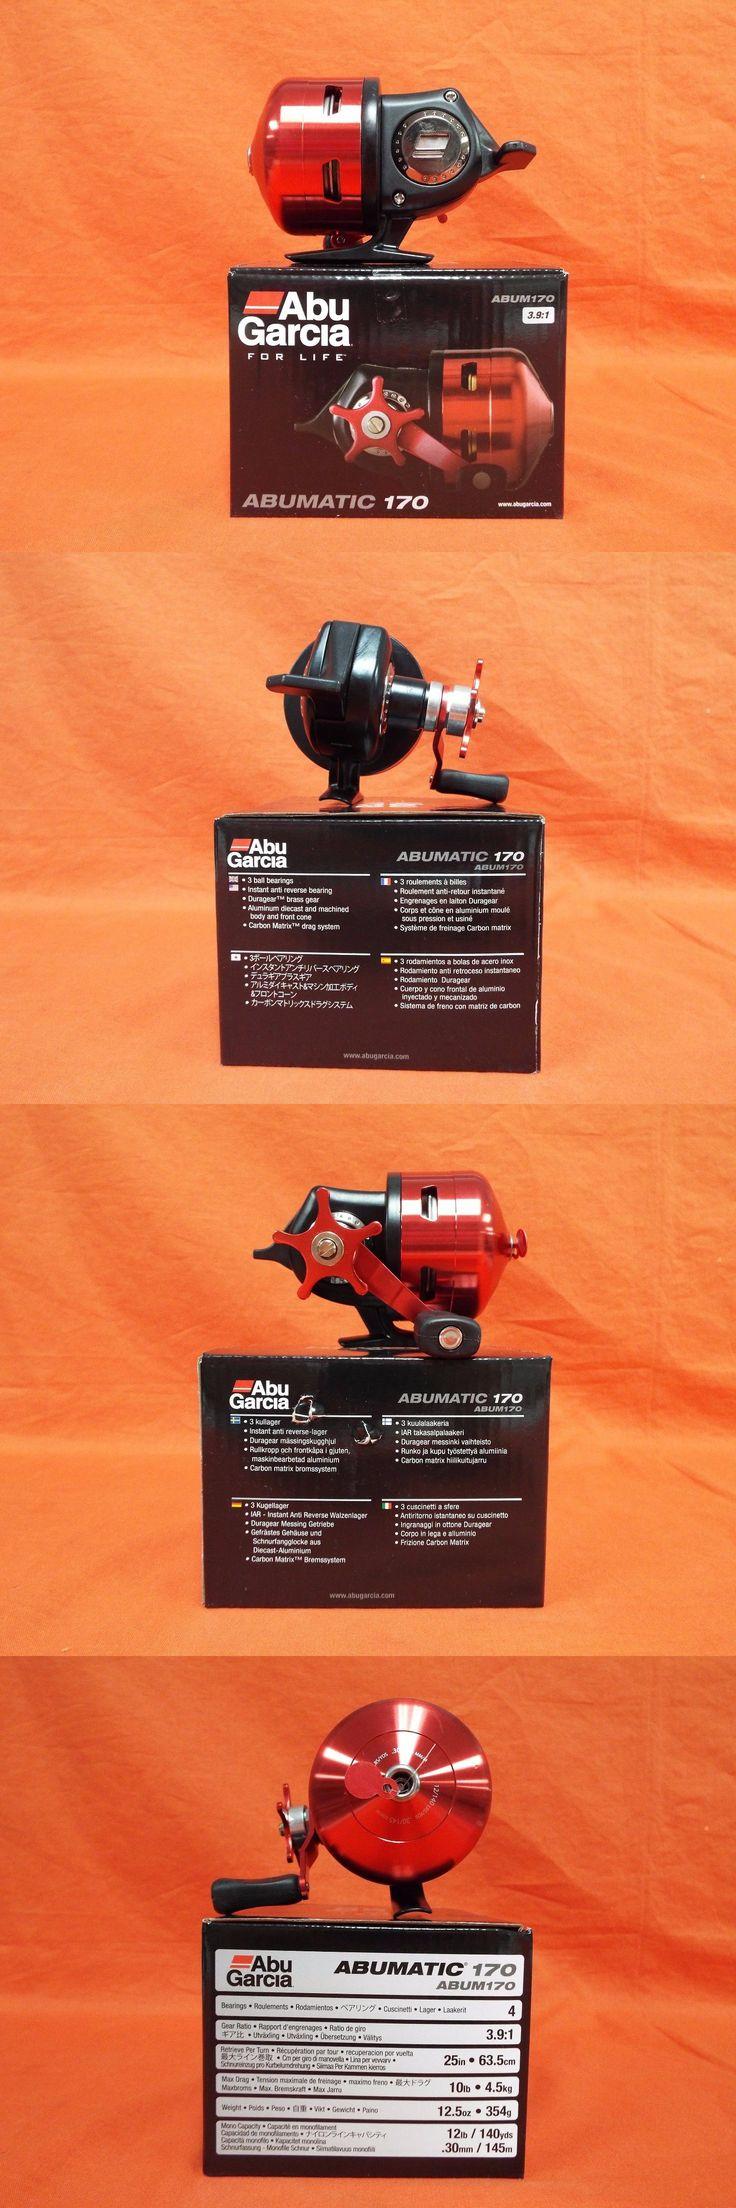 Spincasting Reels 108154: Abu Garcia Abumatic 170 Spincast Reel 3.9:1 Gear Ratio #1365370 (Abum170) -> BUY IT NOW ONLY: $49.39 on eBay!